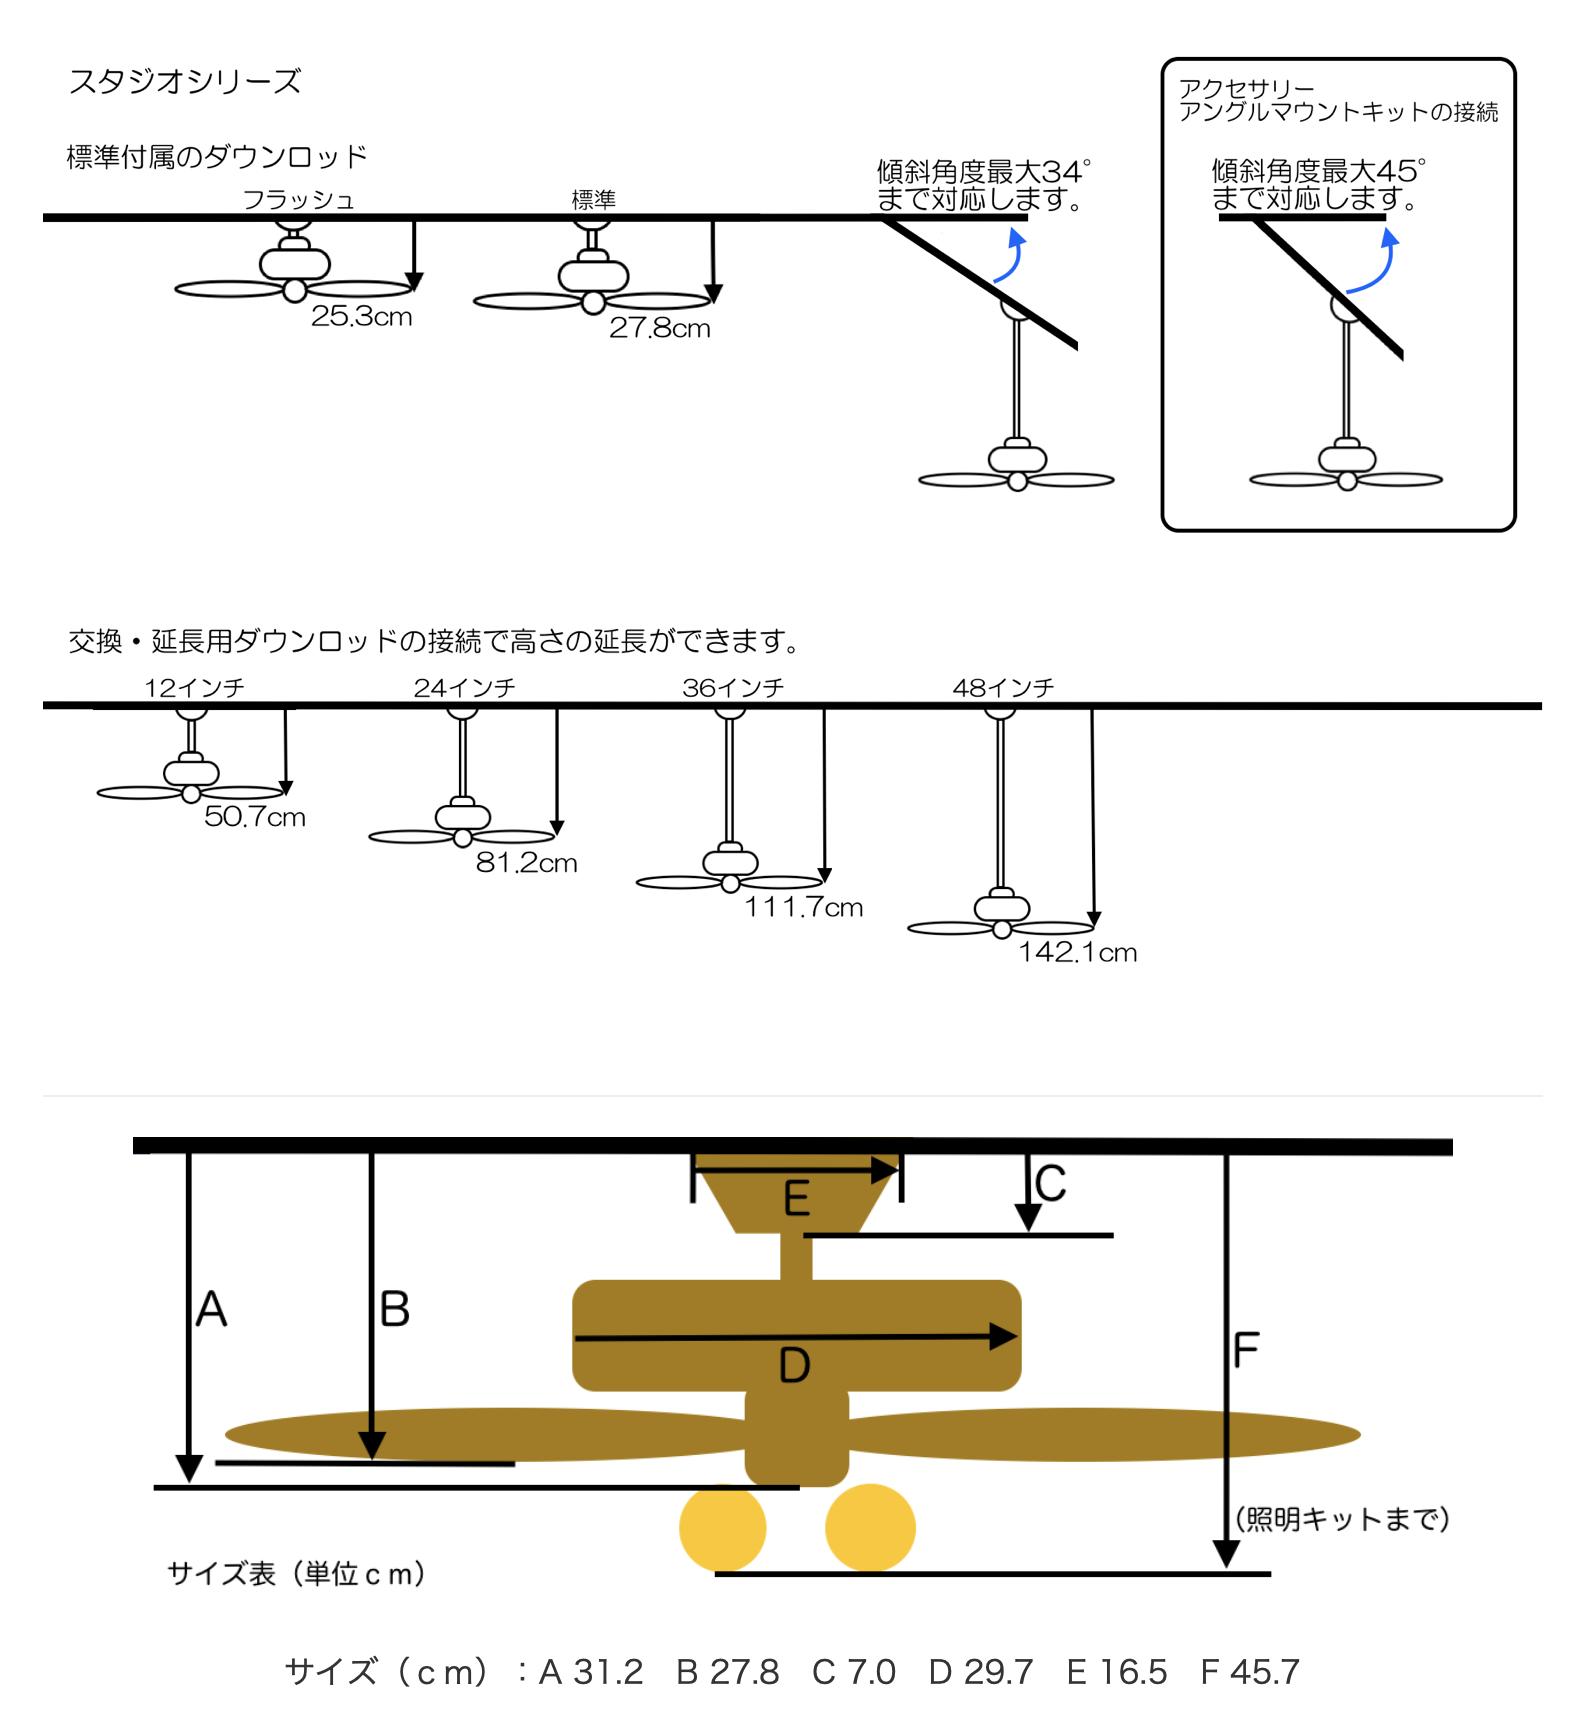 スタジオシリーズ 照明キット無【壁コントローラ・24㌅61cmダウンロッド付】 - 画像2